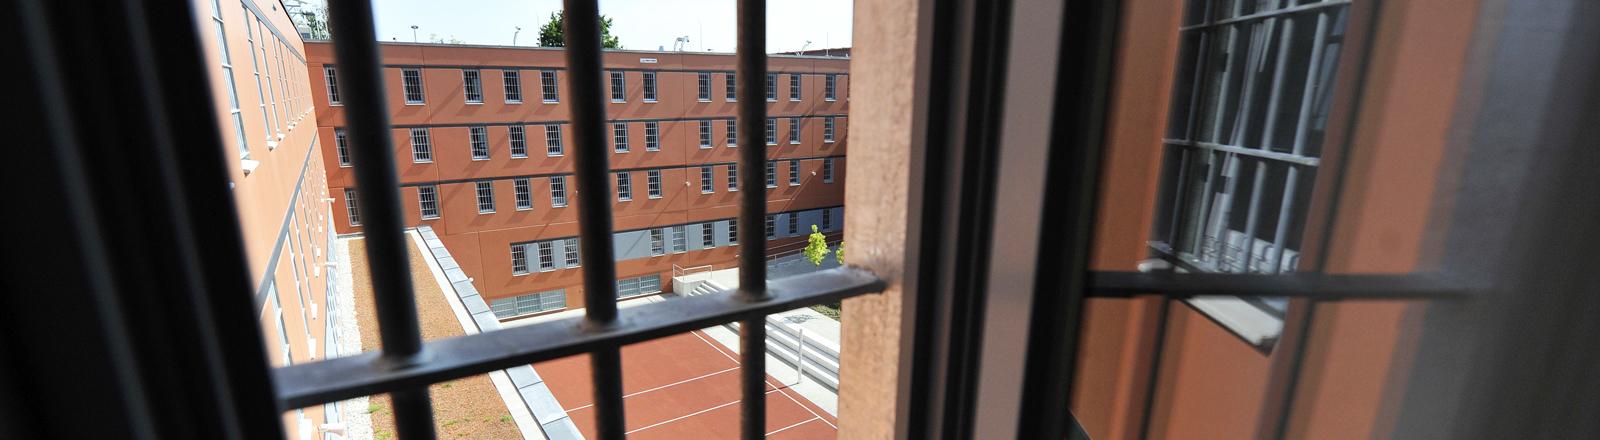 Blick aus einer Zelle der Justizvollzugsanstalt Stadelheim in München.